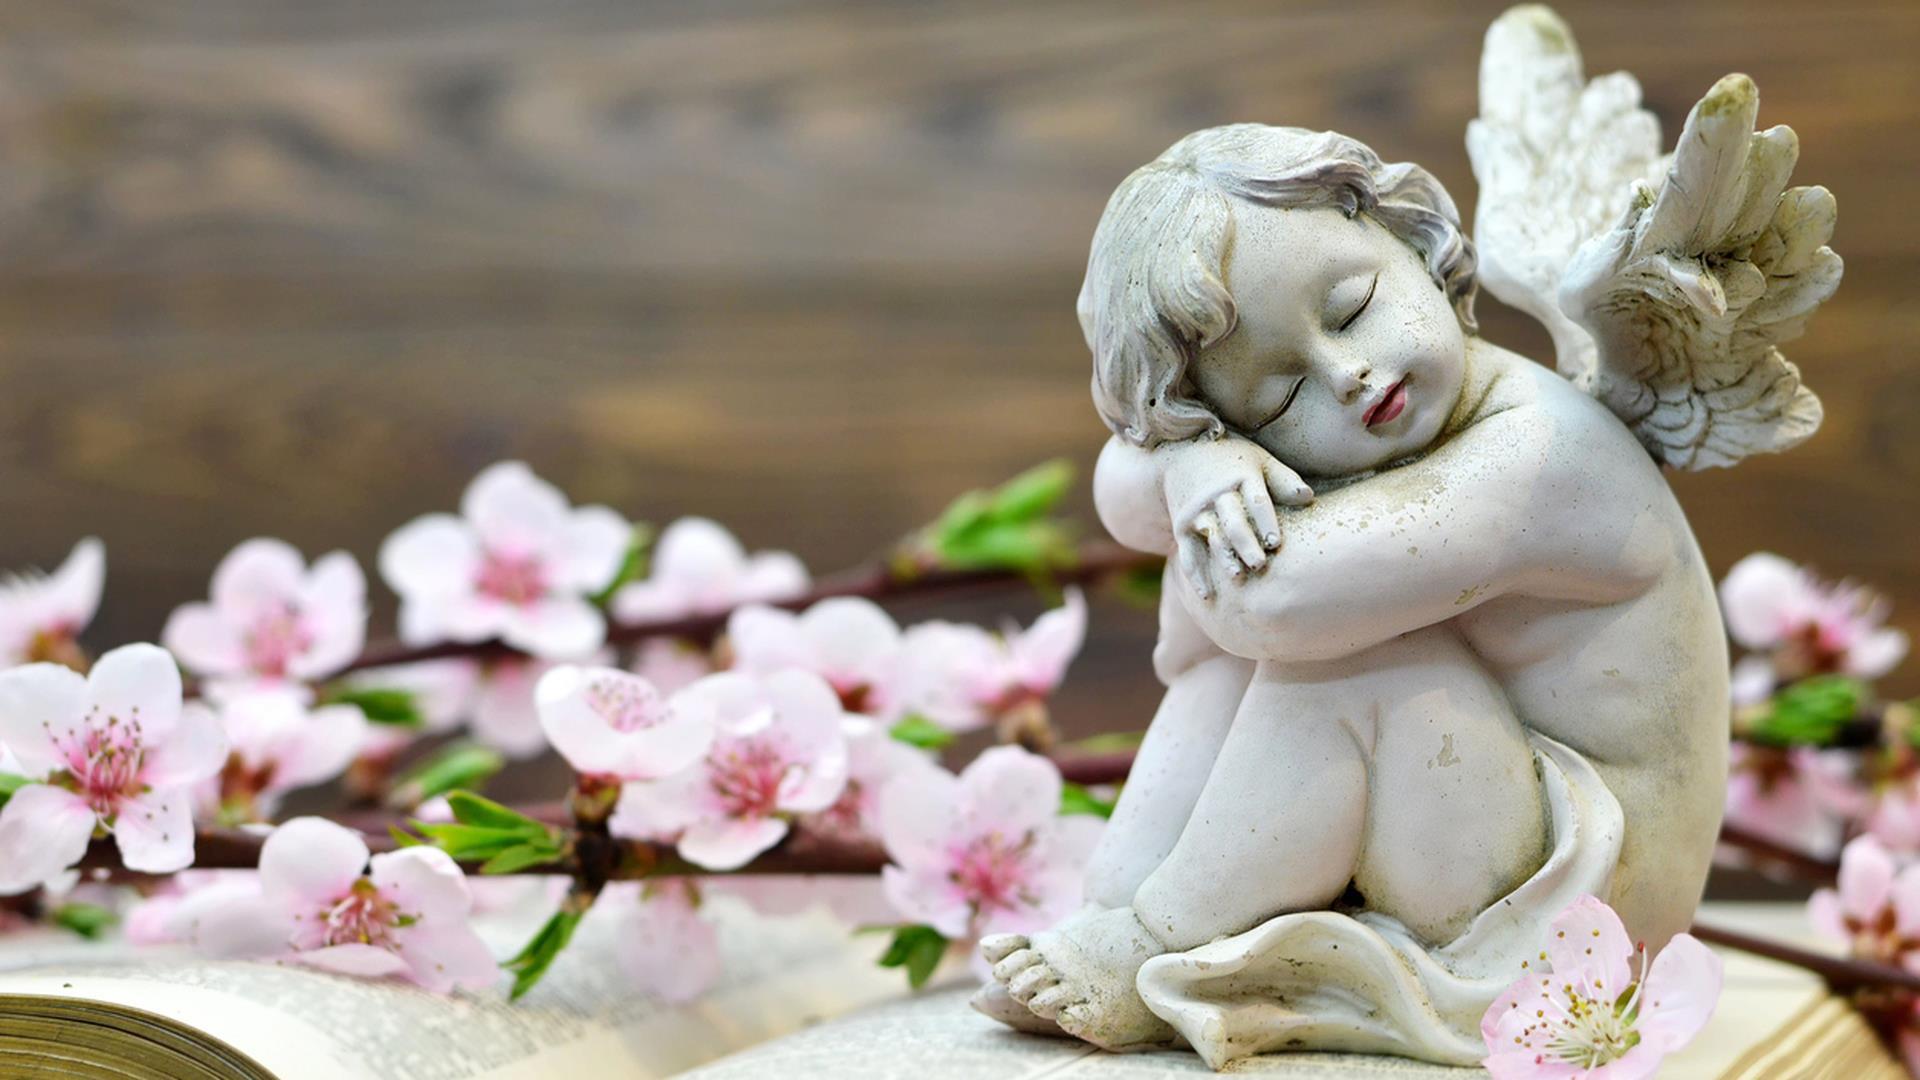 Frasi Sugli Angeli Le Piu Belle Da Dedicare